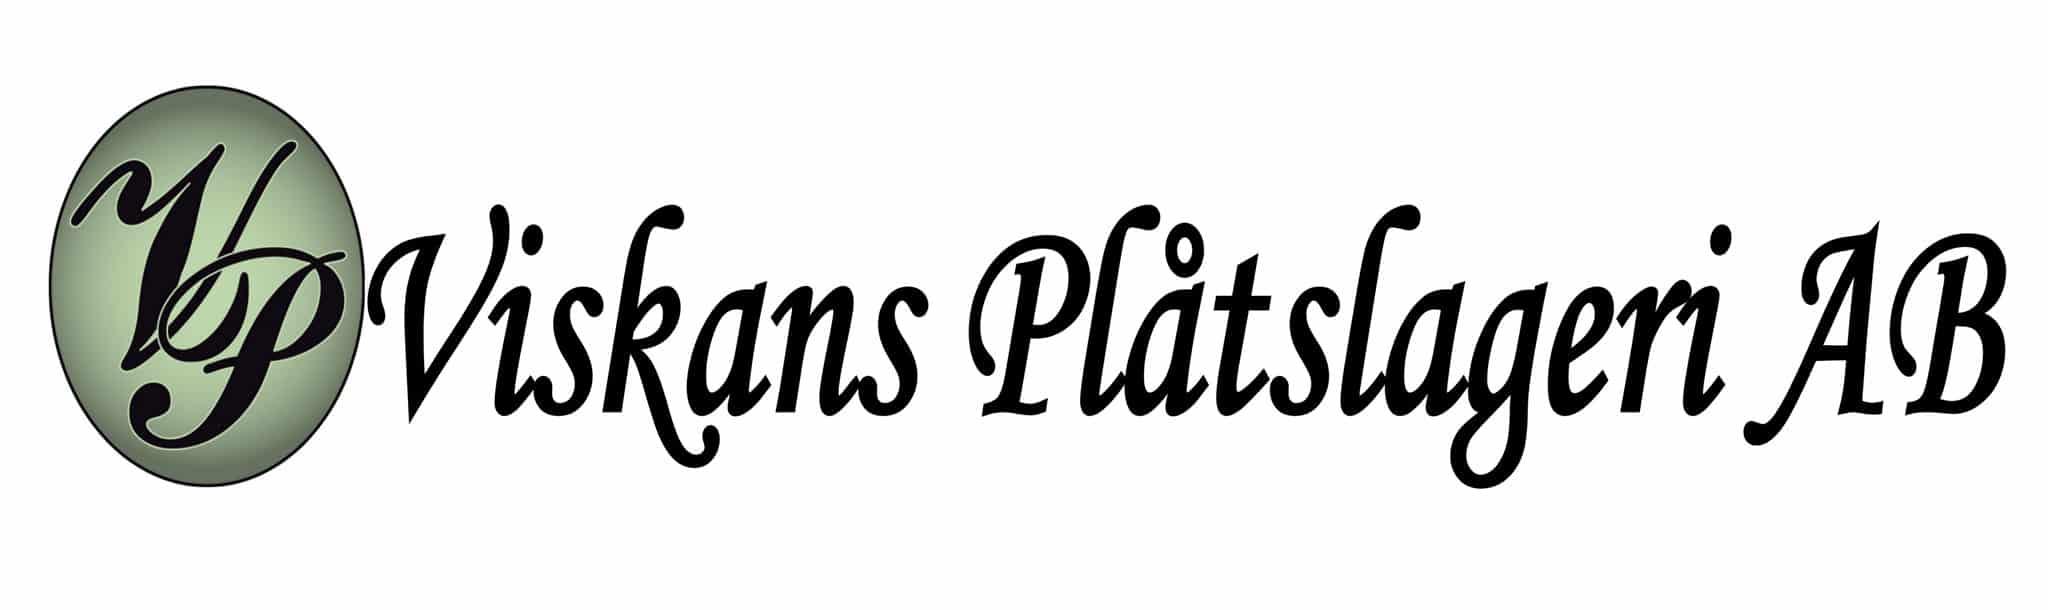 Logotyp för Viskans Plåtslageri AB